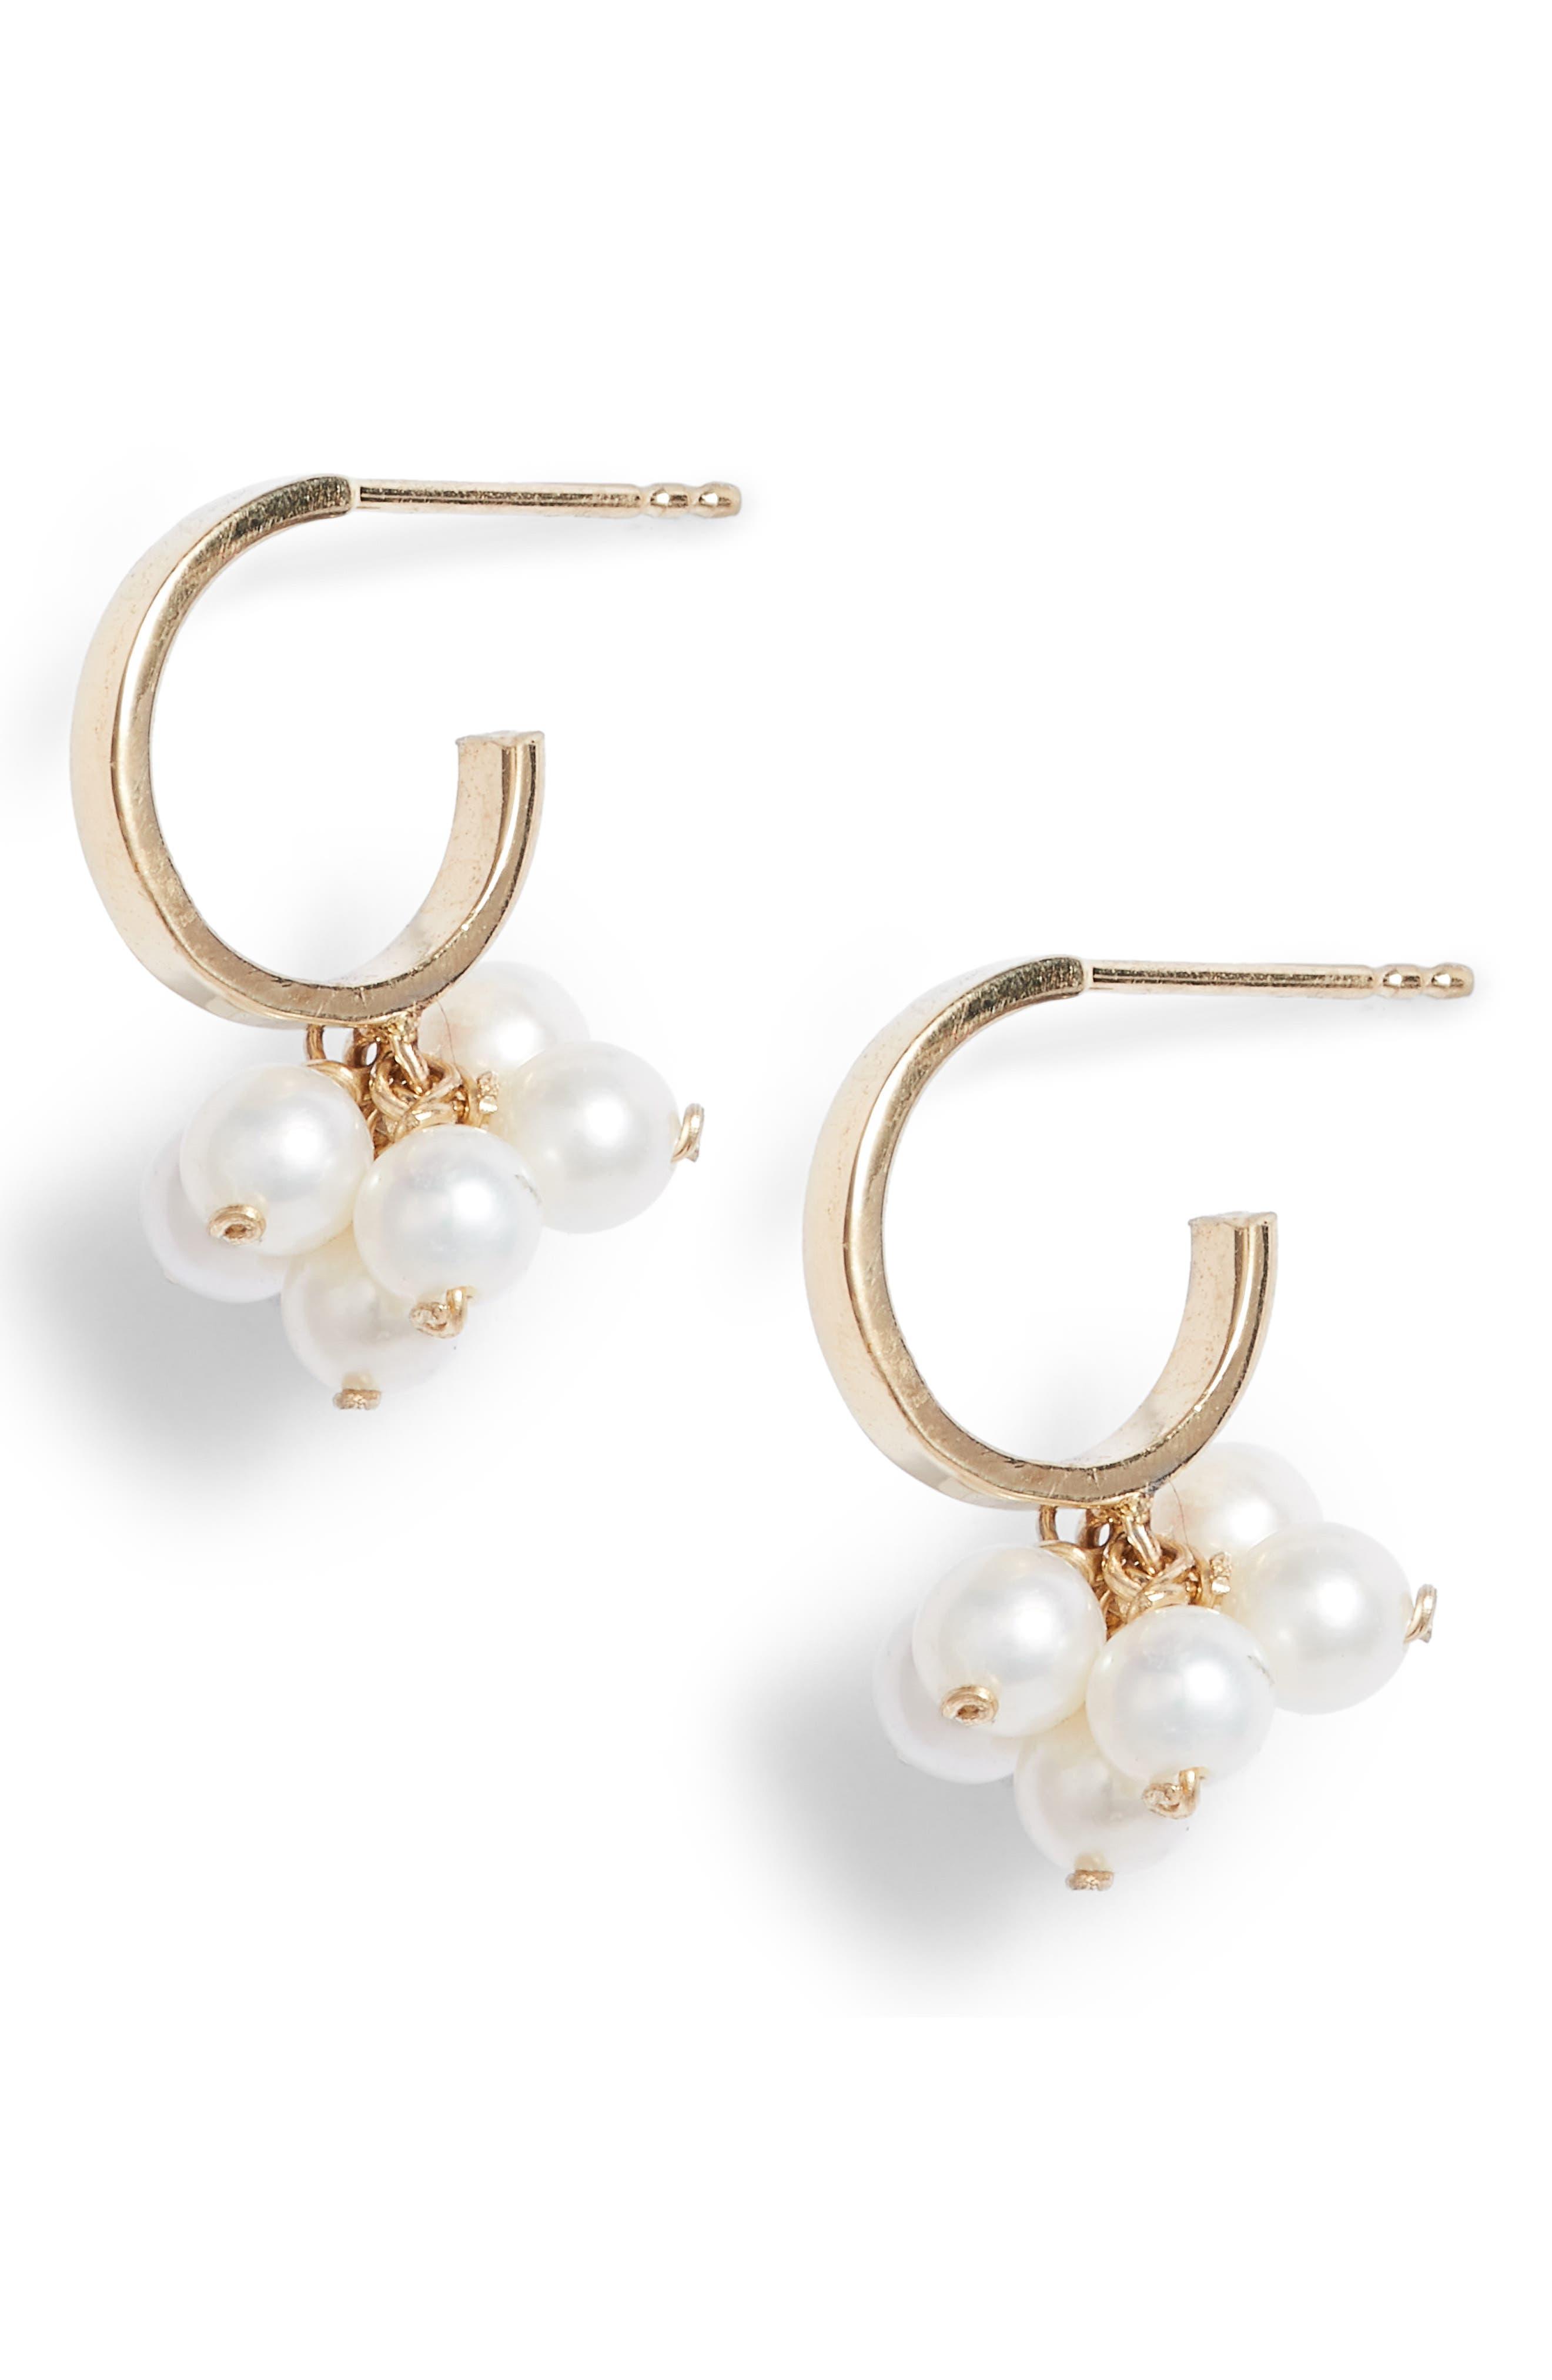 Poppy Finch Baby Pearl Cluster Small Hoop Earrings